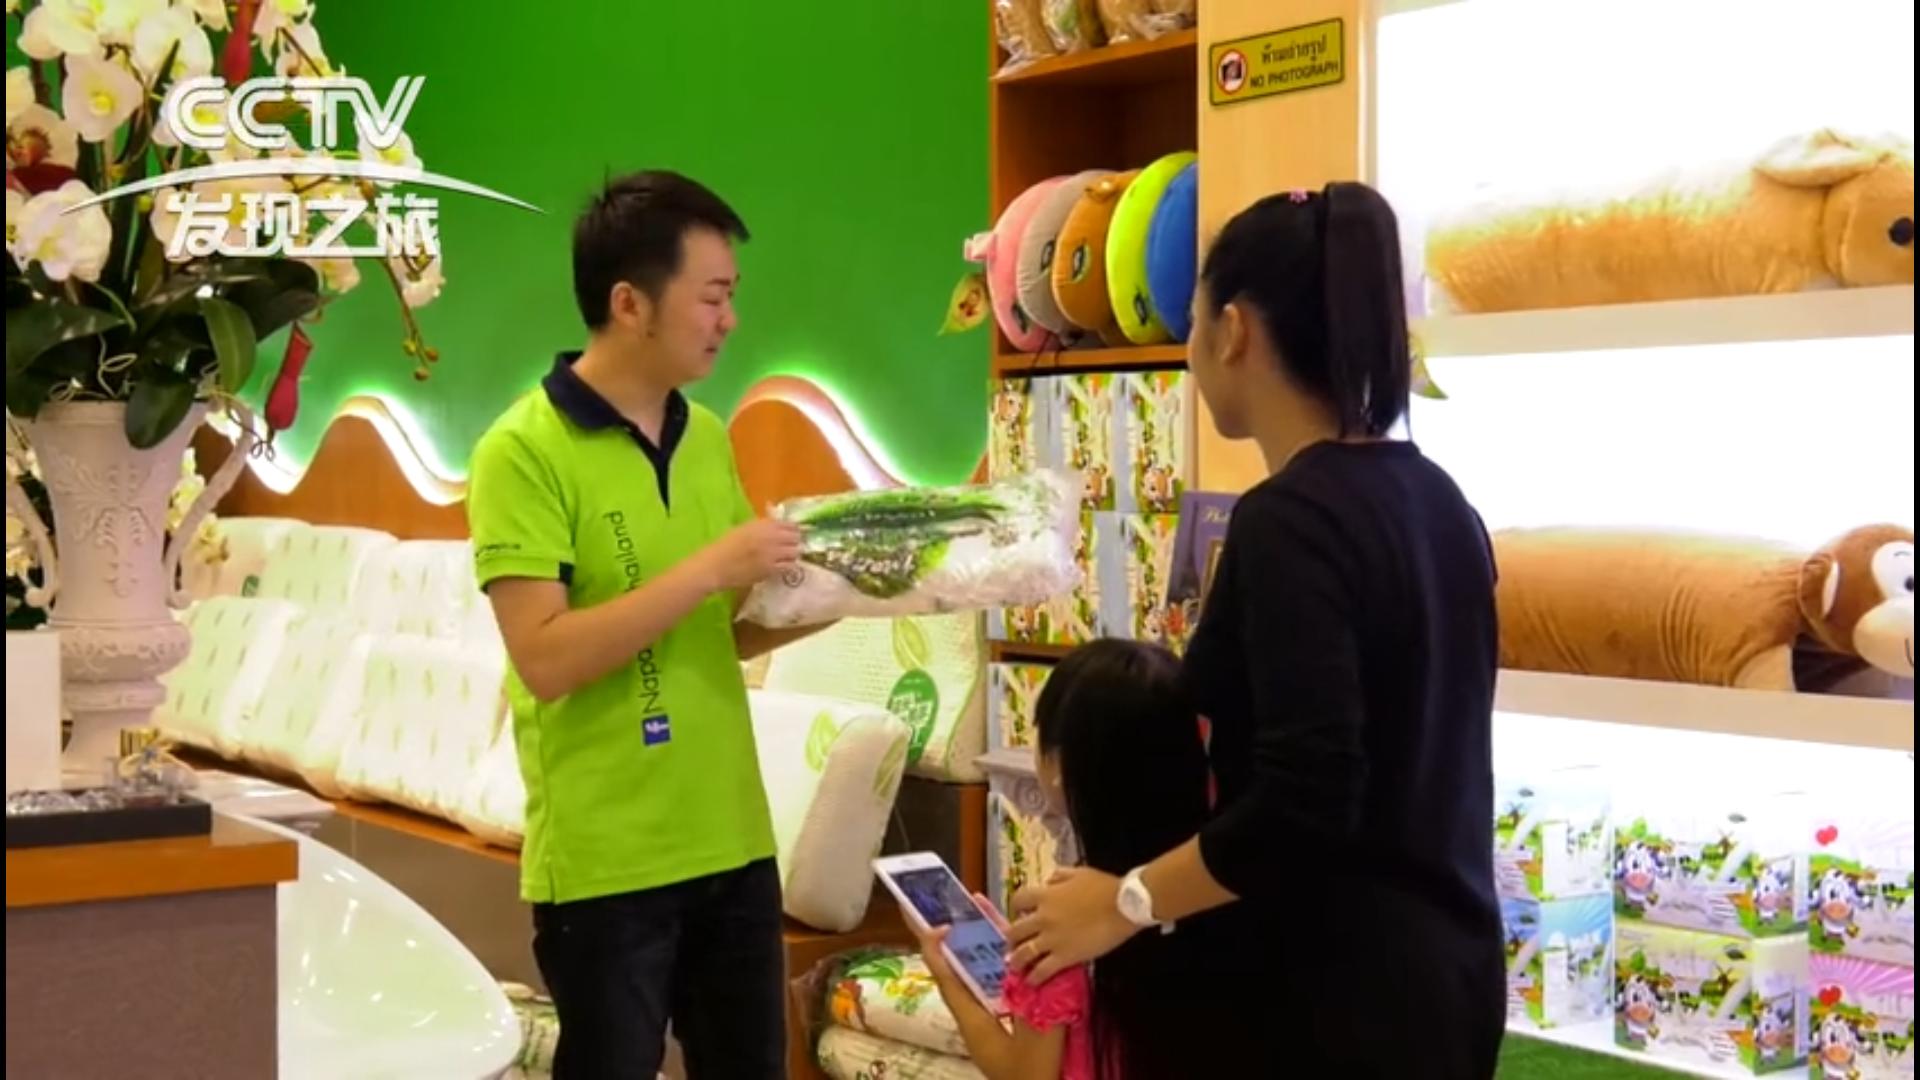 泰中两国天然橡胶的双边贸易,促进中泰有效的合作